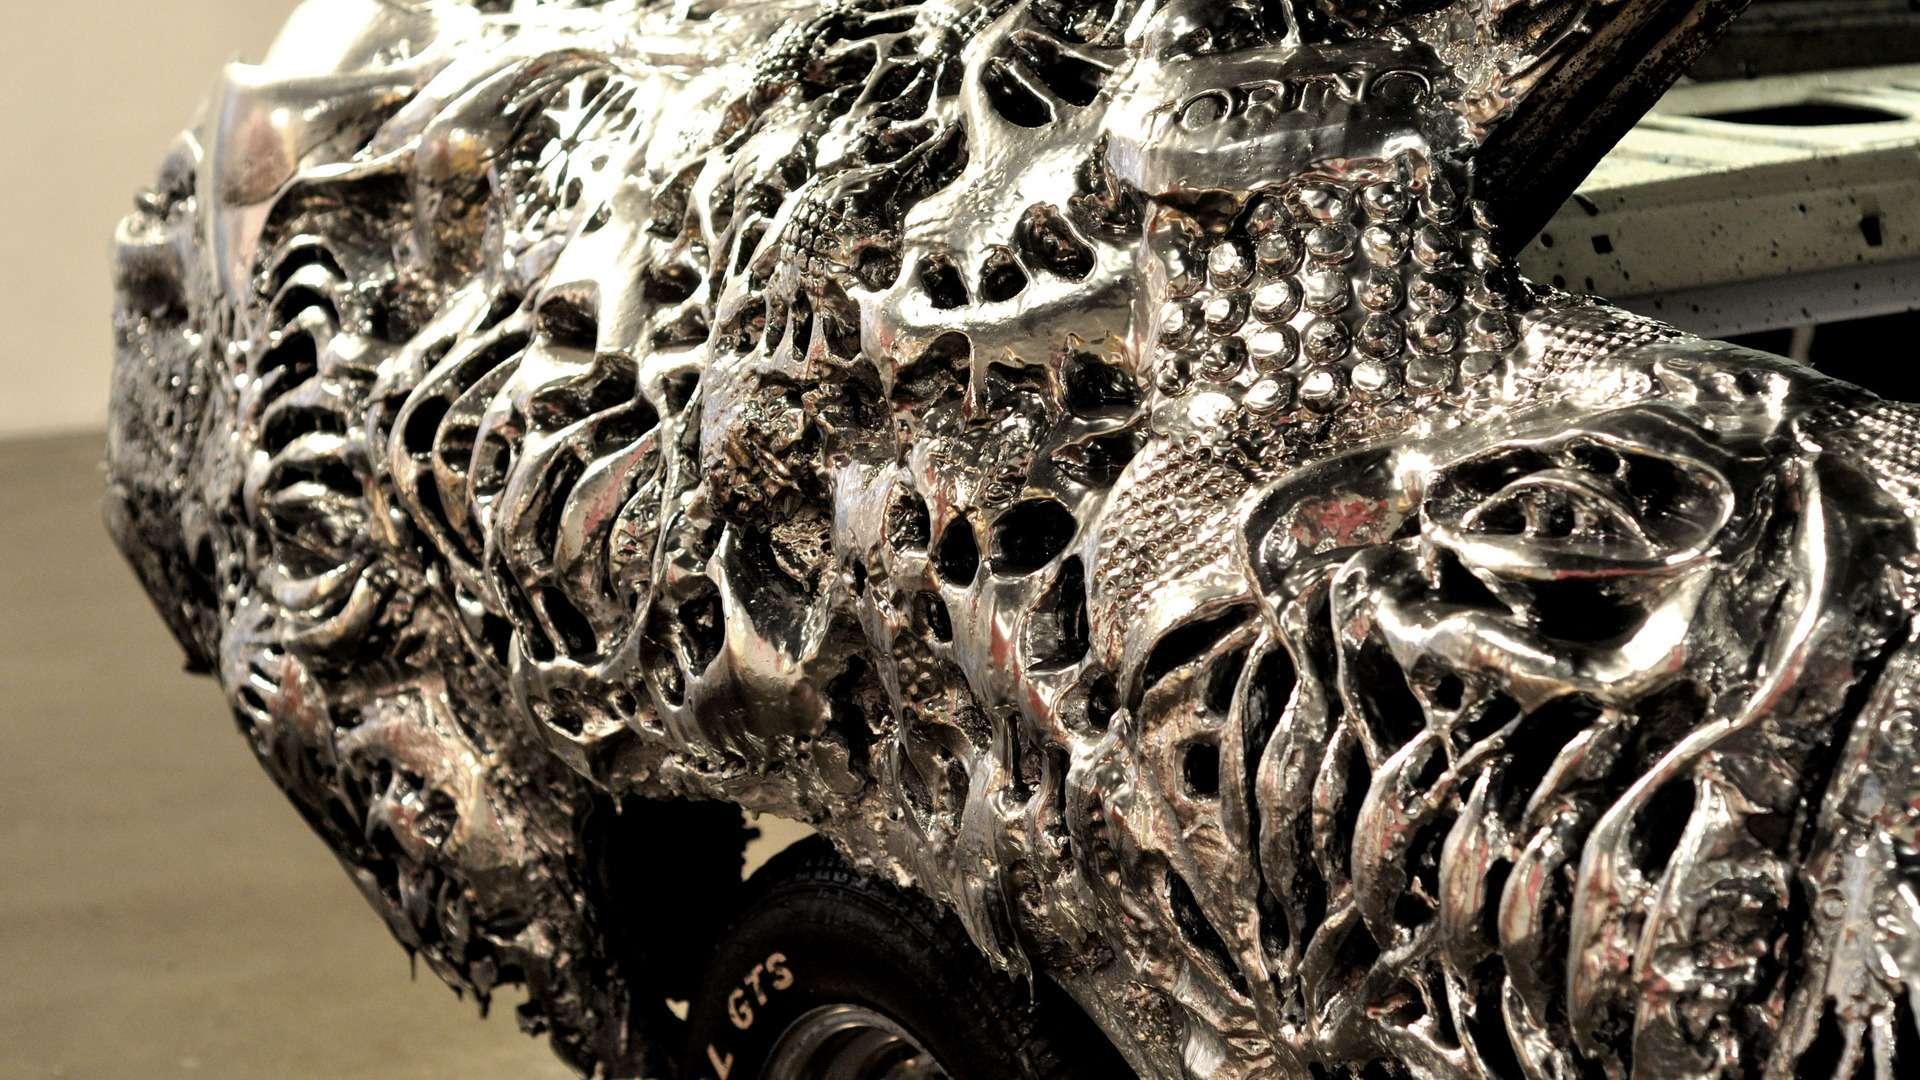 Автомобиль-ужас из3D-принтера: распечатал ипродал— фото 695701